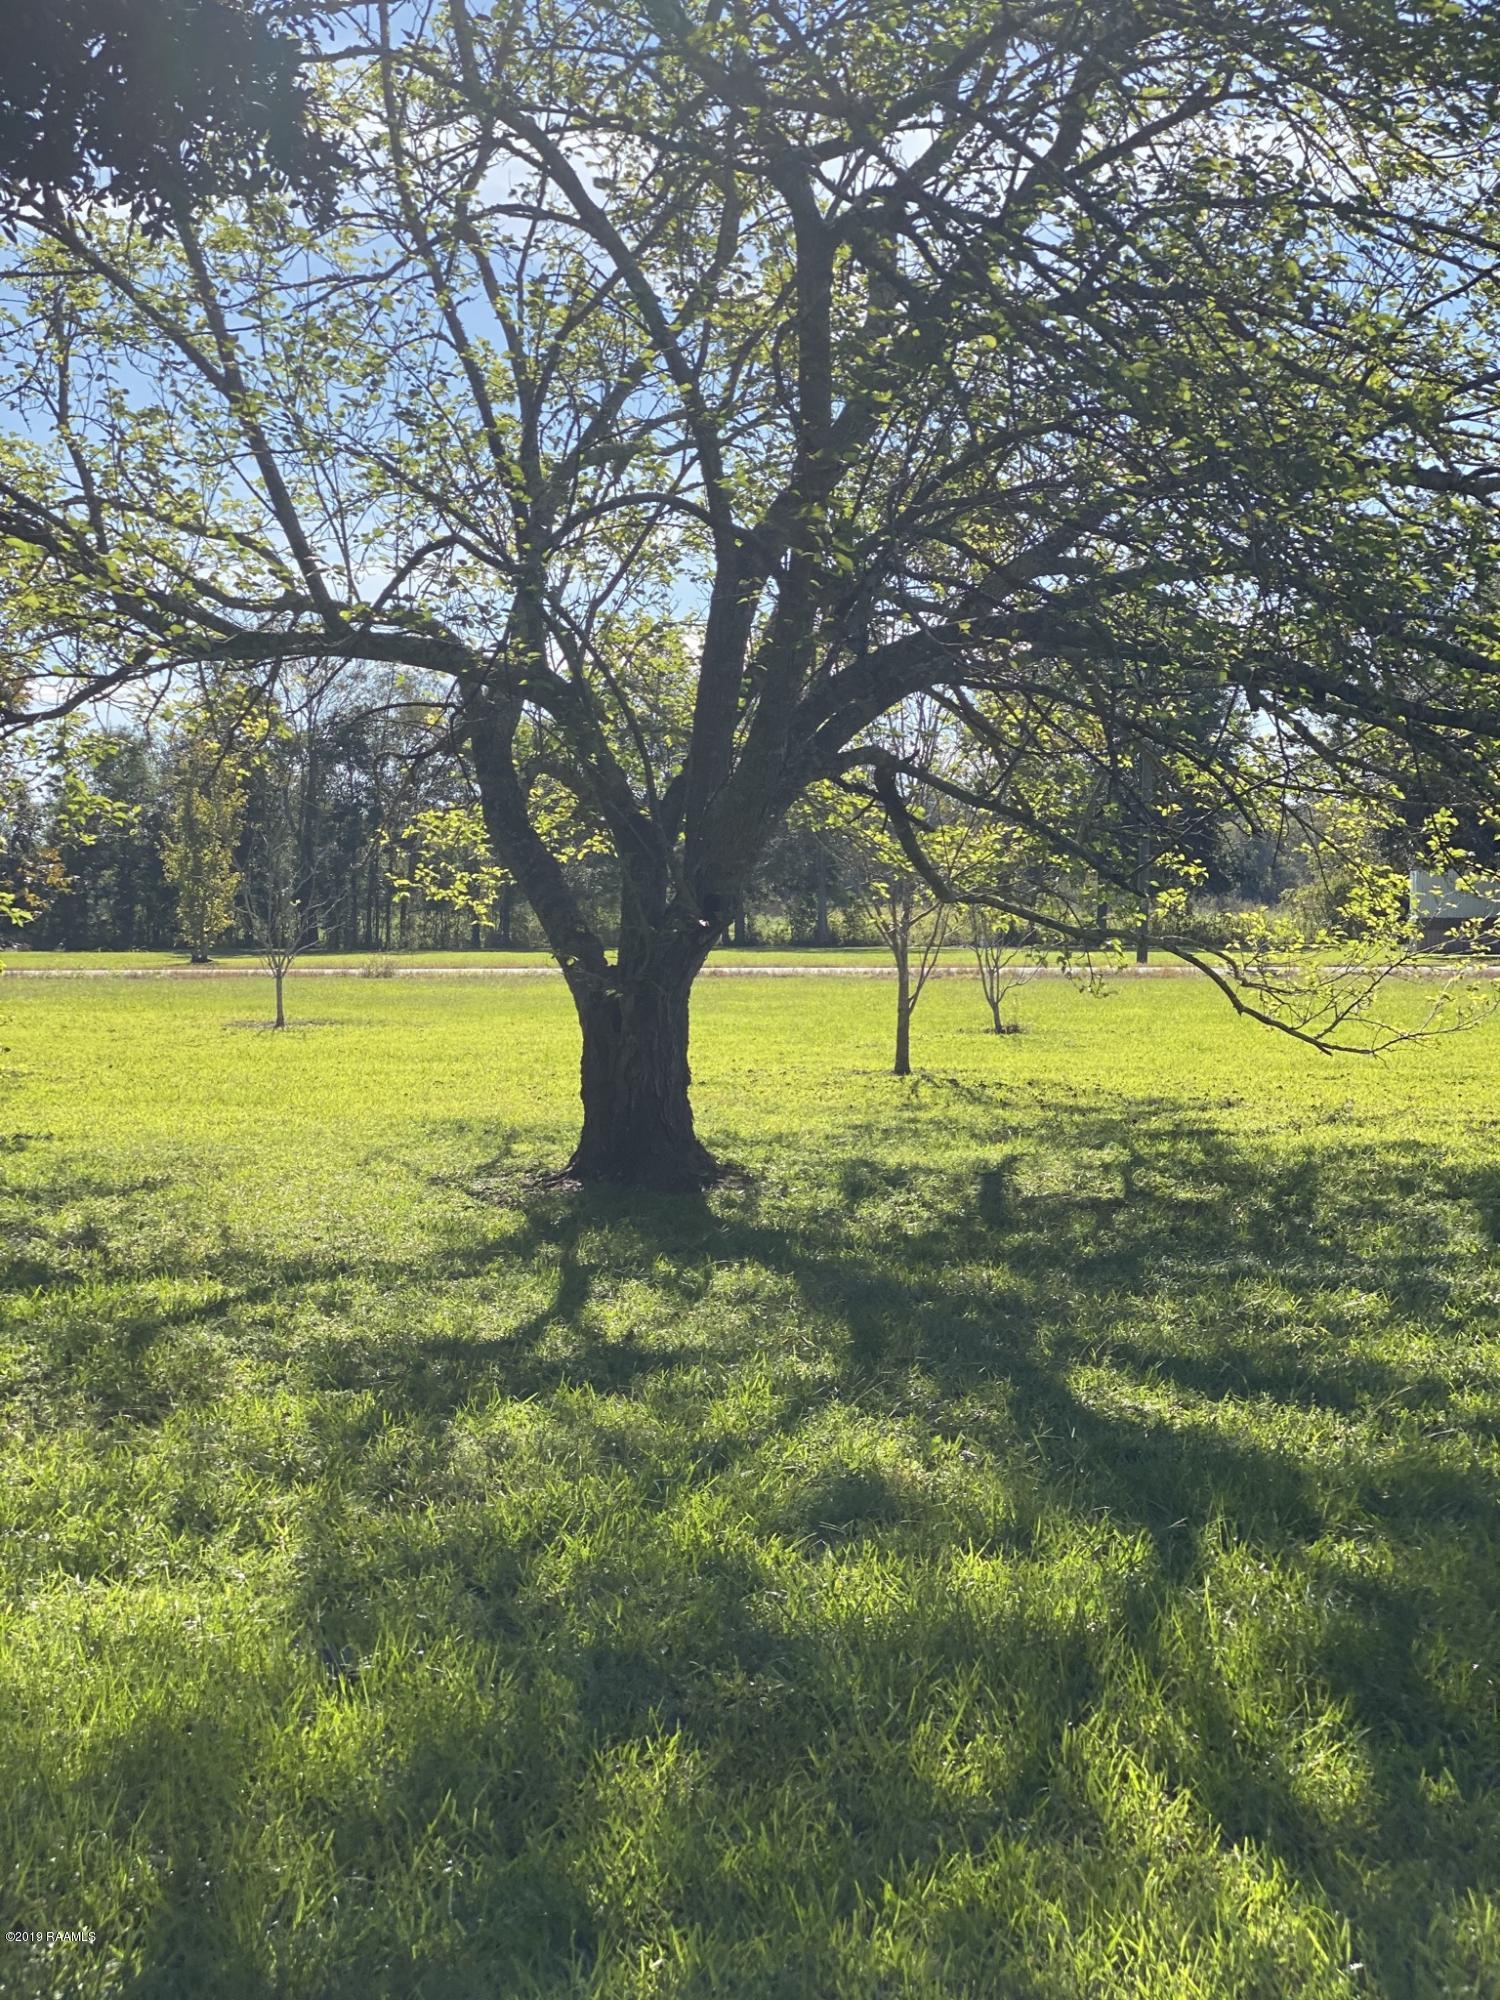 1145 Begnaud Rd Road, Arnaudville, LA 70512 Photo #11